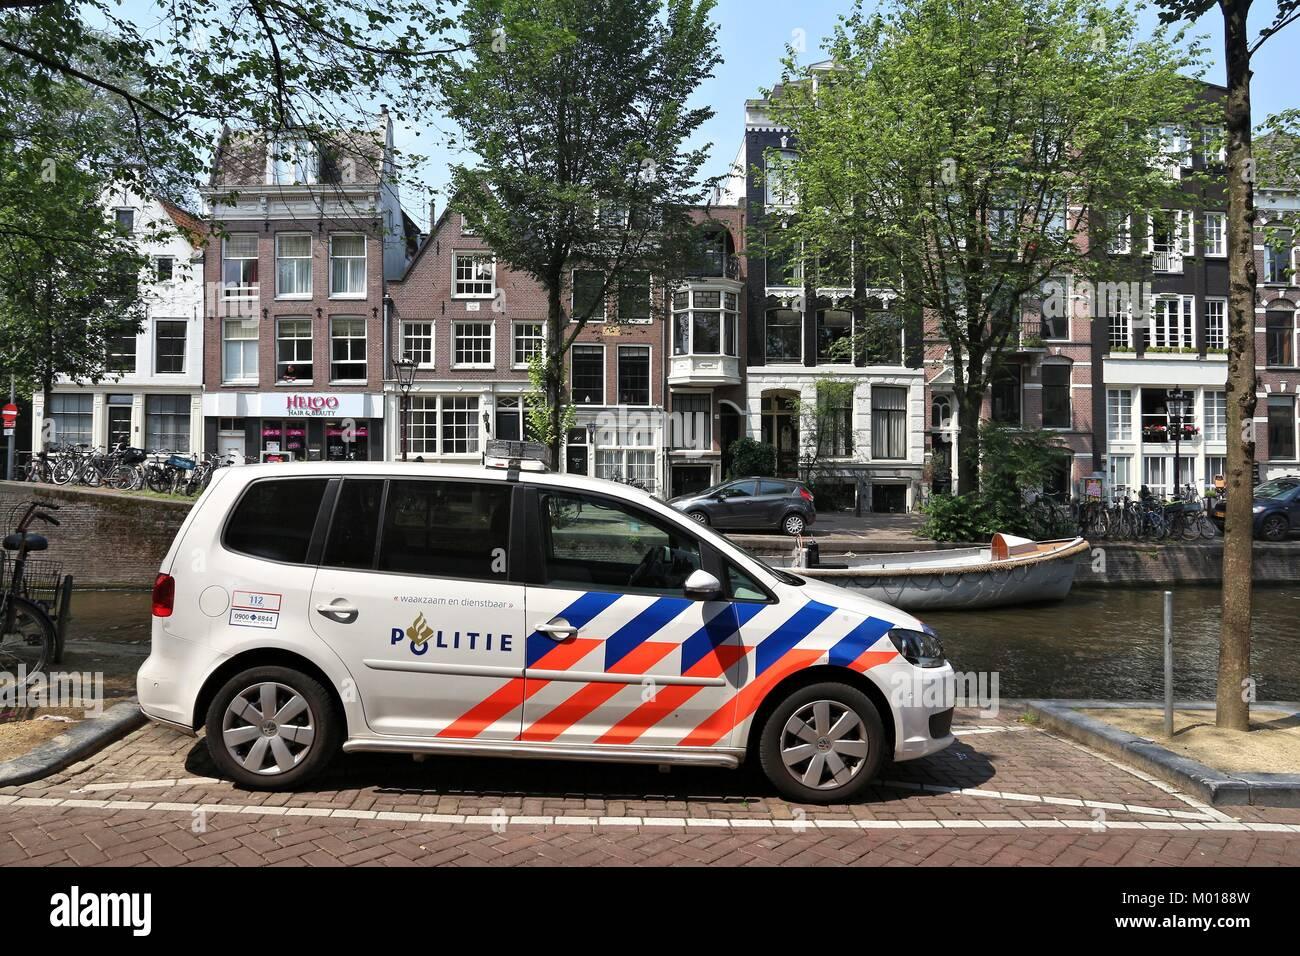 Publicité Automobile Voiture Spyker AMSTERDAM PAYS-BAS Bday Vierge Carte de vœux